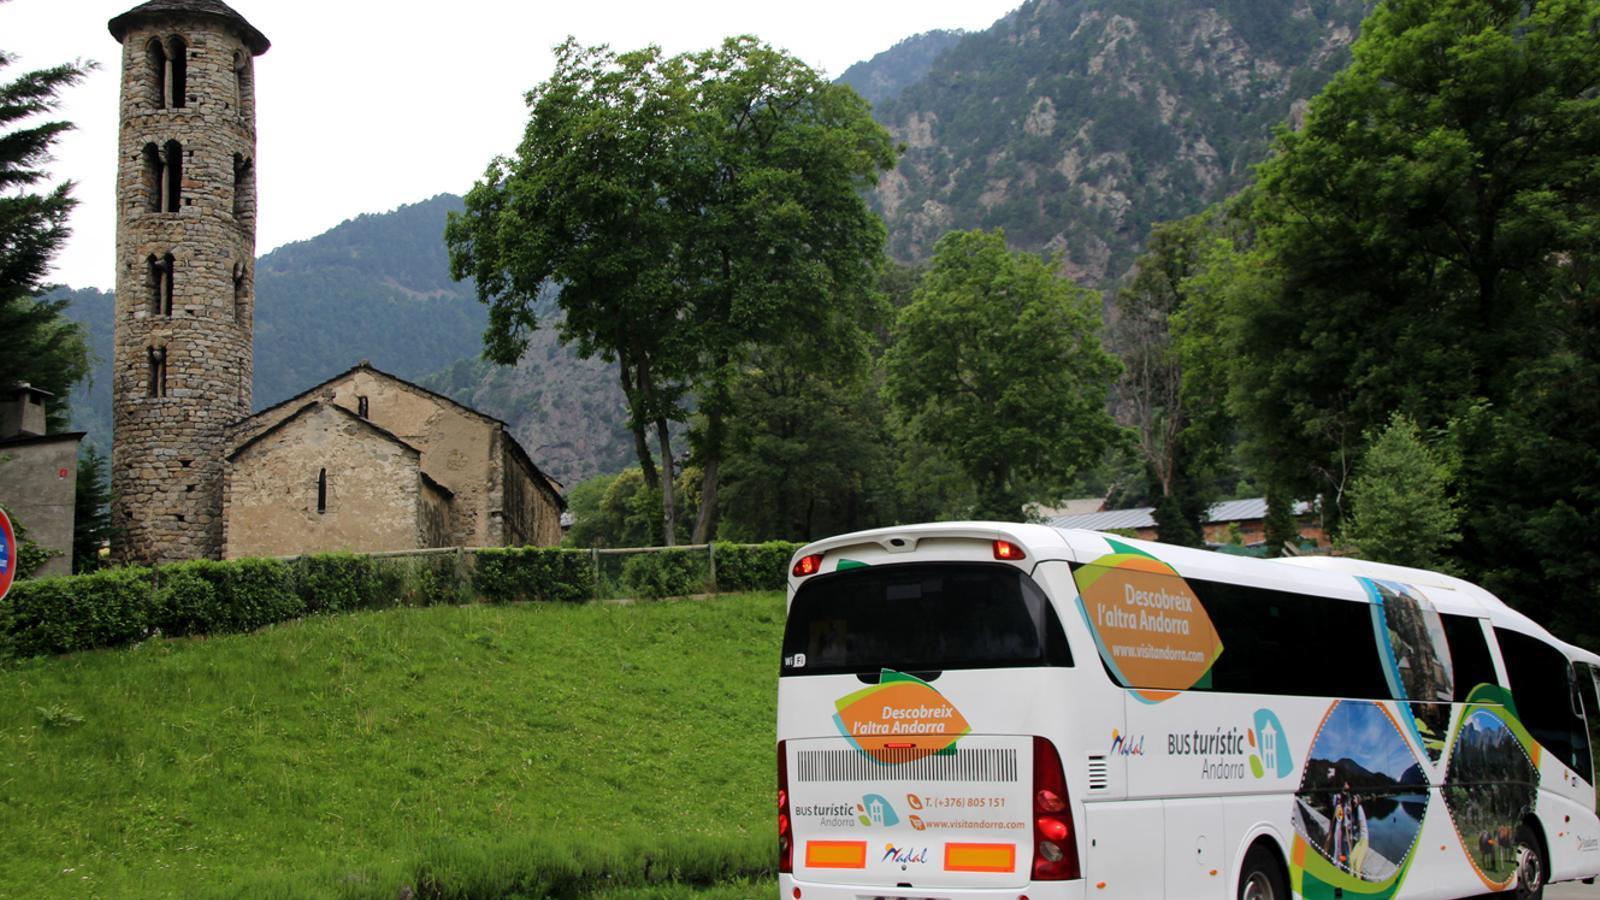 El bus turístic davant de l'església de Santa Coloma, un punt de l'itinerari de dimarts. / M.M. (ANA)